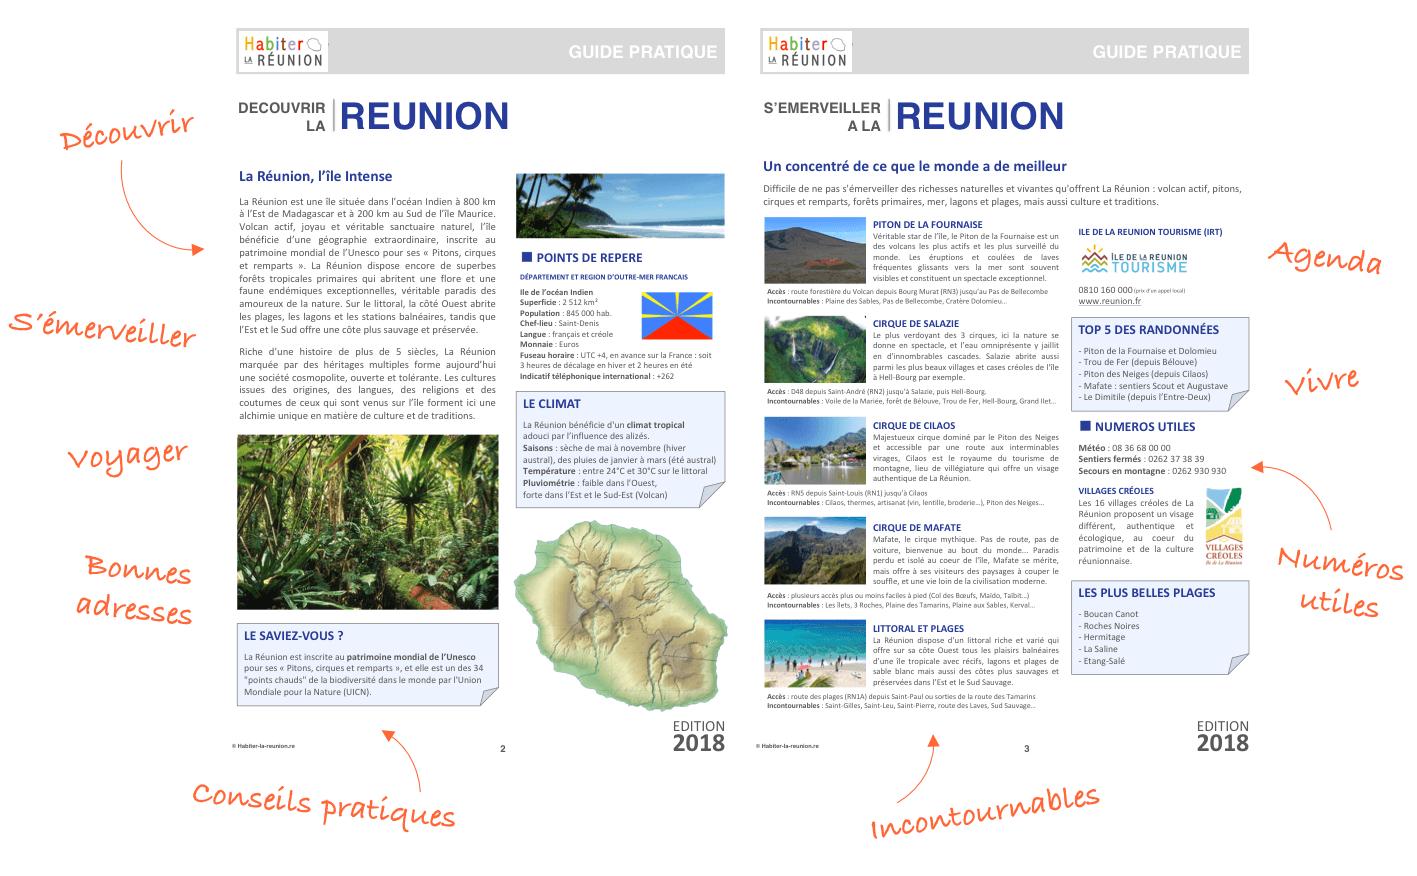 Présentation-guide-Habiter-La-Réunion-2018